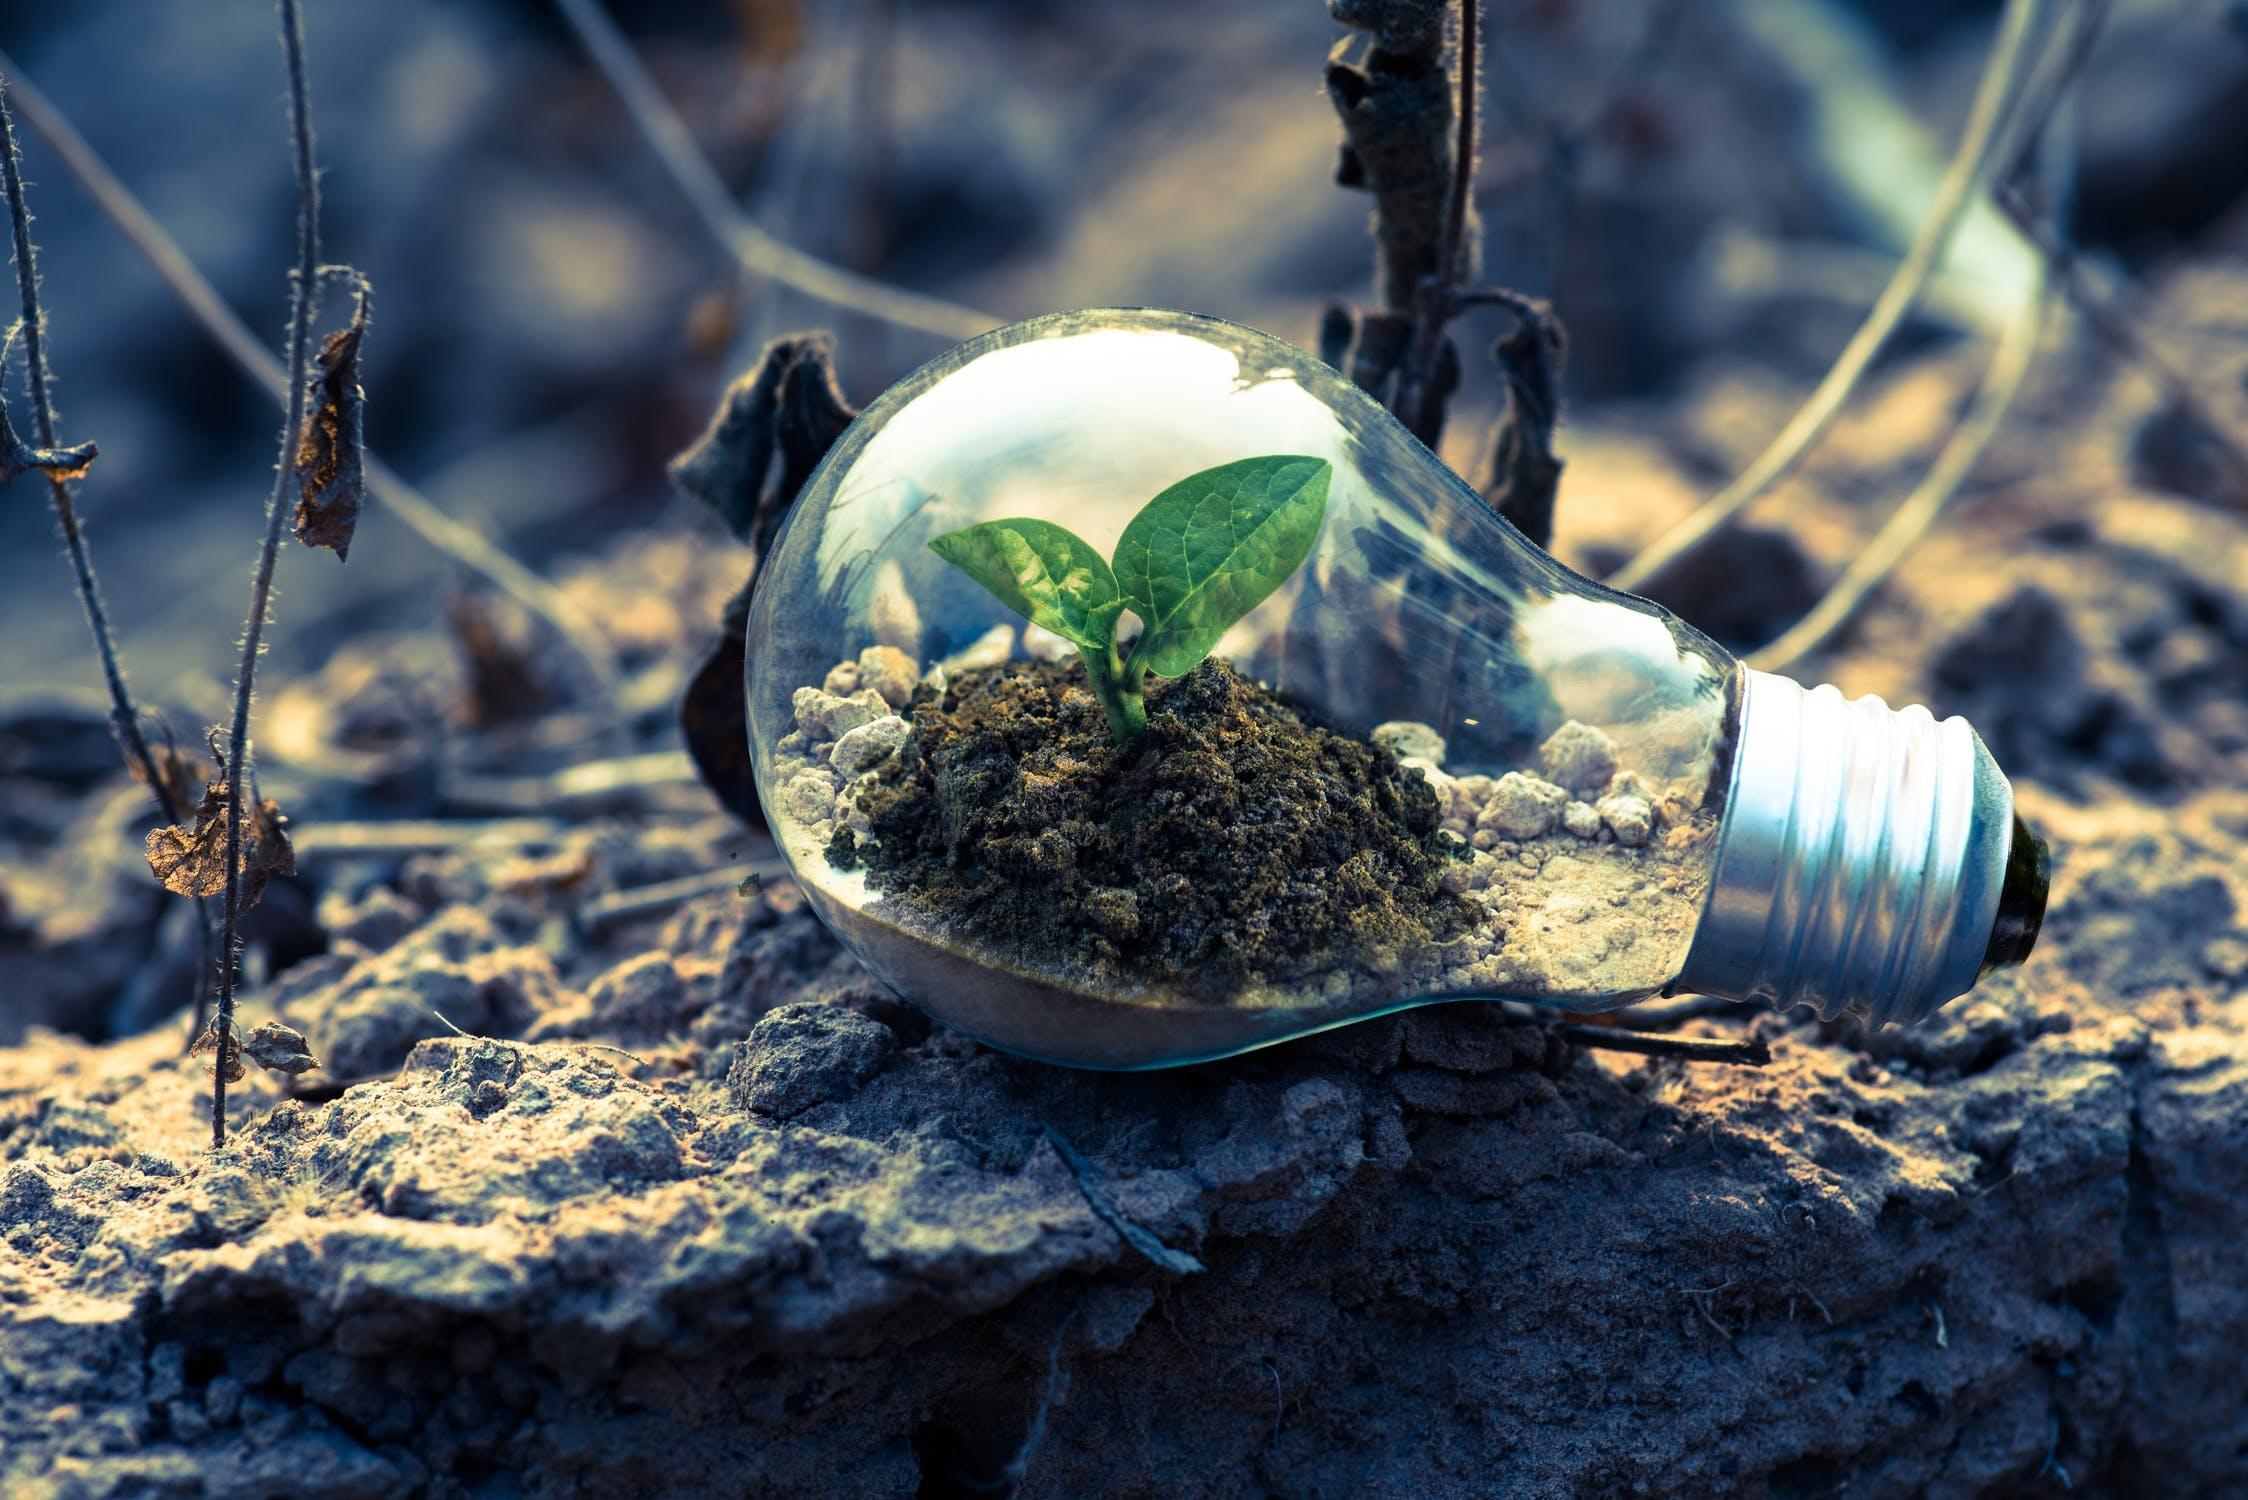 Vijf tips om energieabonnementen te vergelijken